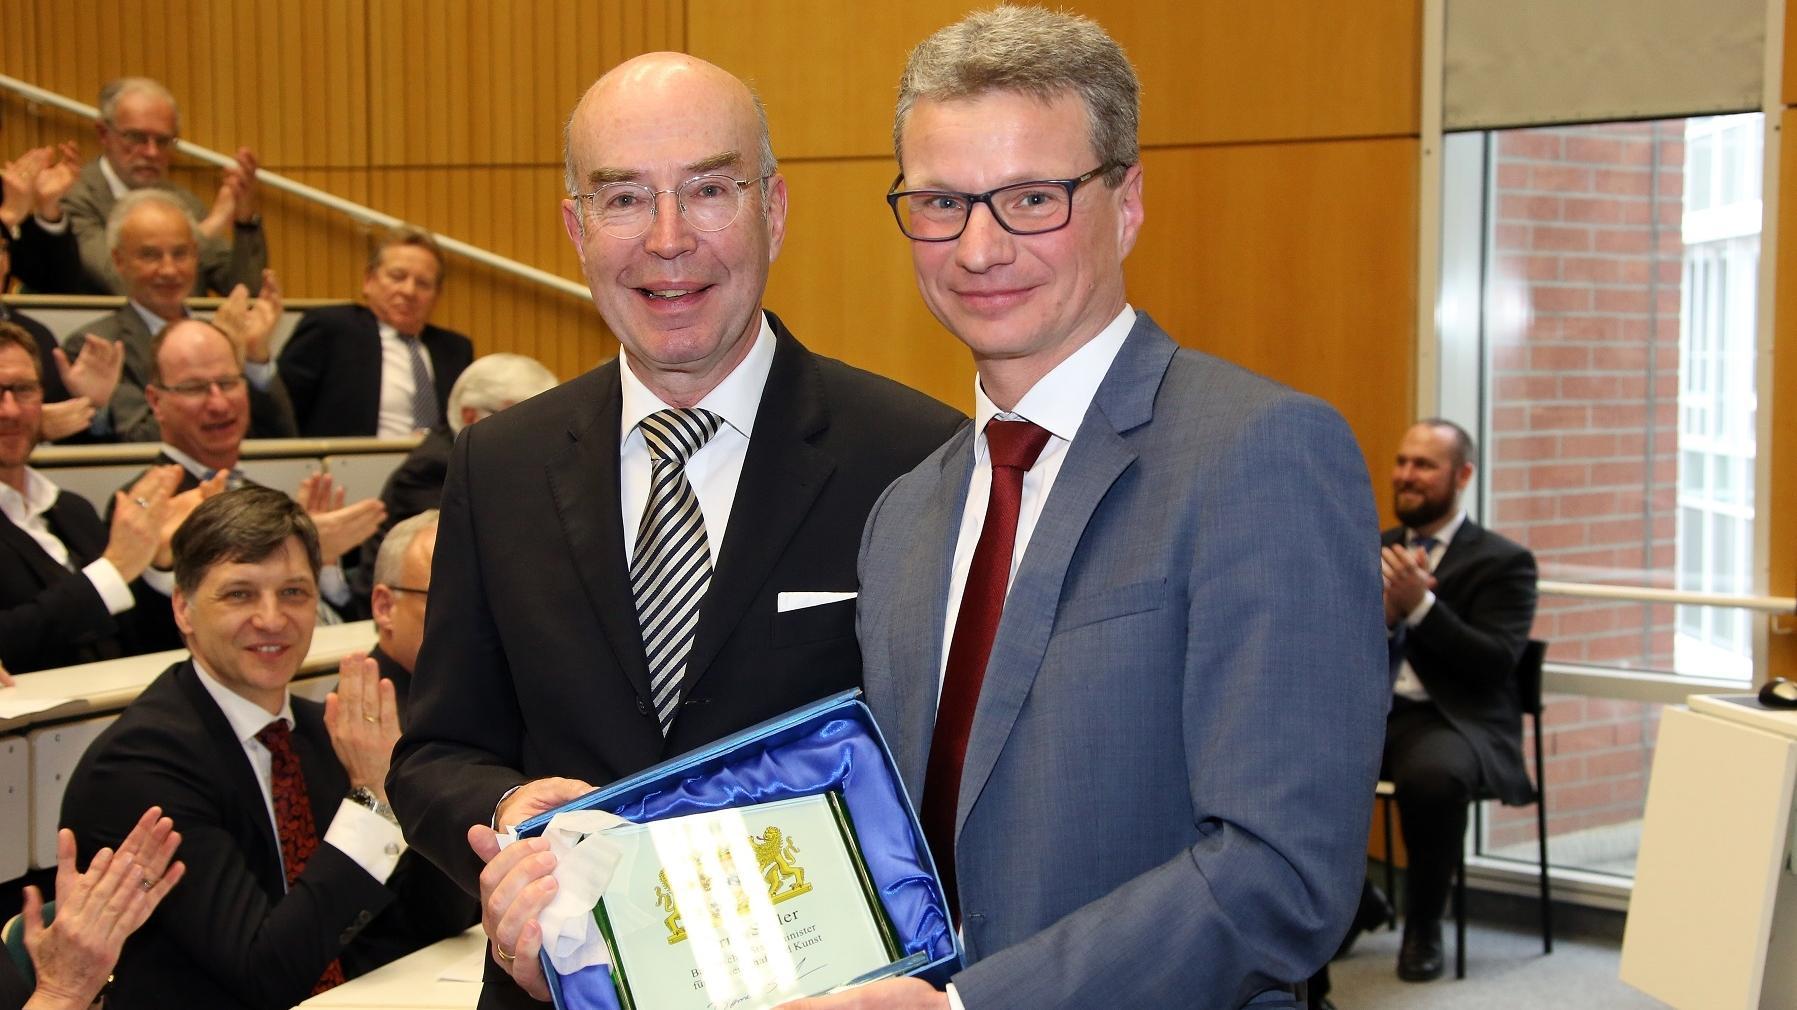 Wissenschaftsminister Bernd Sibler gratuliert Professor Michael Nerlich zu seiner Karriere